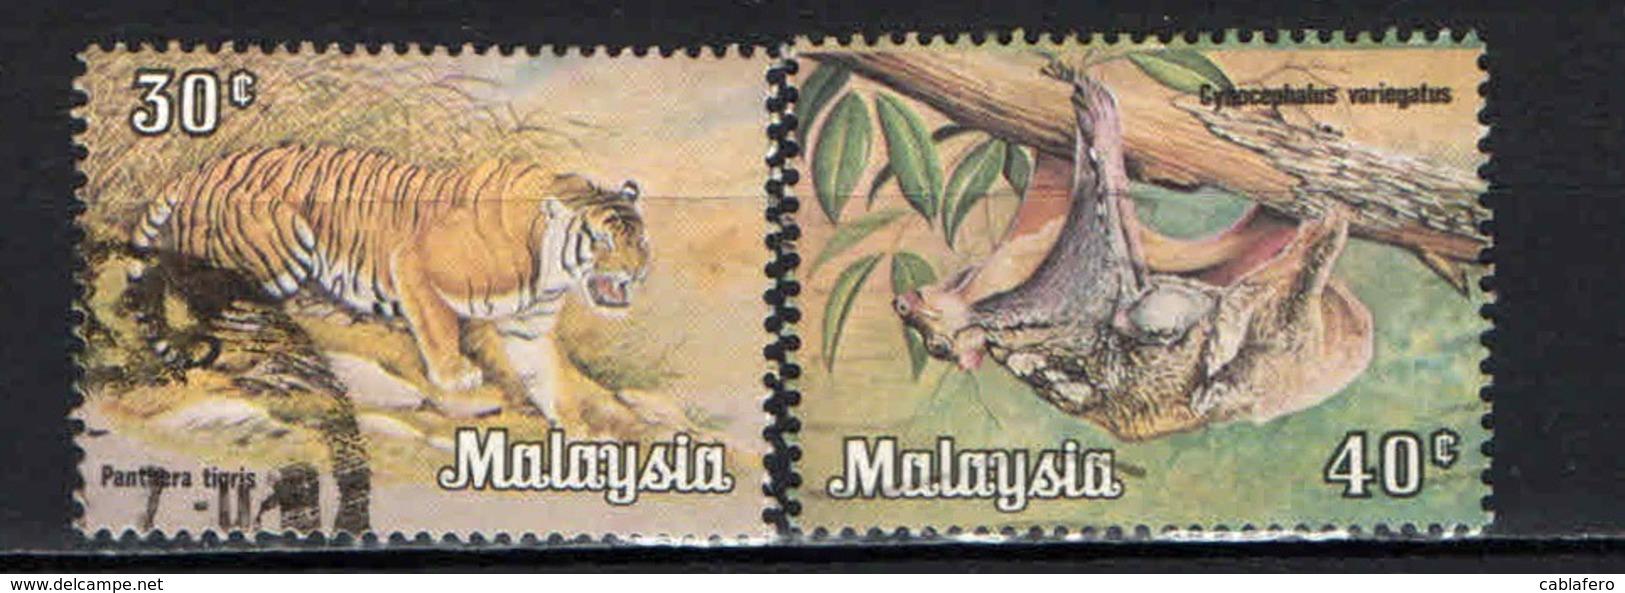 MALESIA - 1979 -  TIGRE E COBEGO - USATI - Malesia (1964-...)